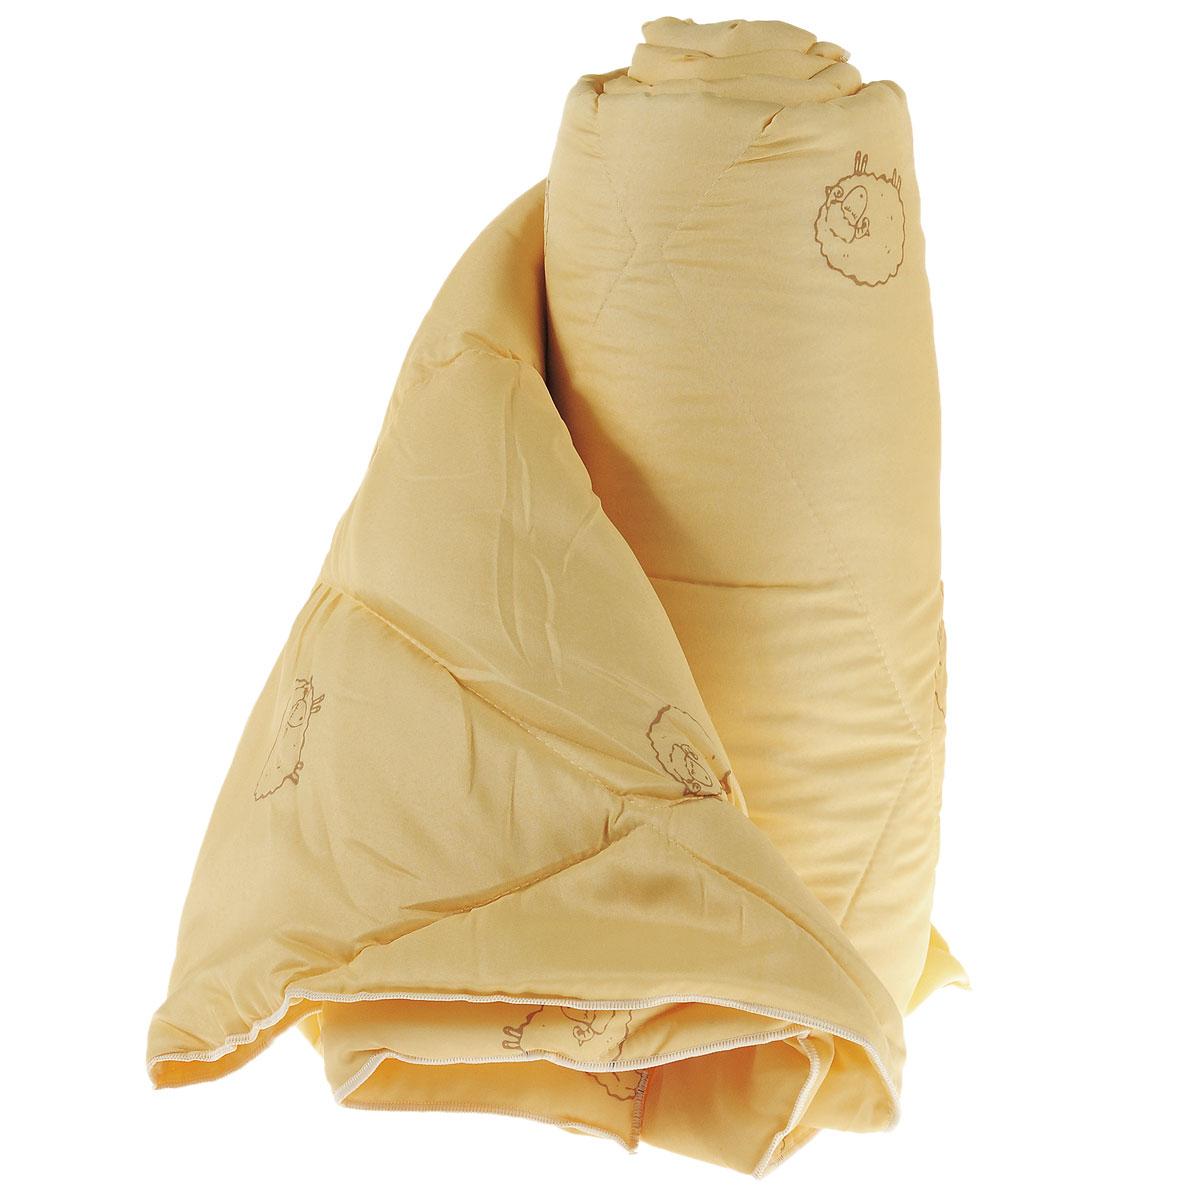 Одеяло Sleeper Находка, легкое, наполнитель: овечья шерсть, 140 x 200 см22(33)323Легкое одеяло Sleeper Находка с наполнителем - овечьей шерстью, со стежкой, не оставит равнодушными тех, кто ценит здоровье и красоту. Изысканный цвет чехла отвечает современным европейским тенденциям, а наполнитель из овечьей шерсти придает изделию мягкость, упругость и повышенные теплозащитные свойства.Ткань чехла изготовлена из микрофибры - мягкого, приятного на ощупь материала.Материал чехла: микрофибра (100% полиэстер). Материал наполнителя: овечья шерсть. Масса наполнителя: 200 г/м2.